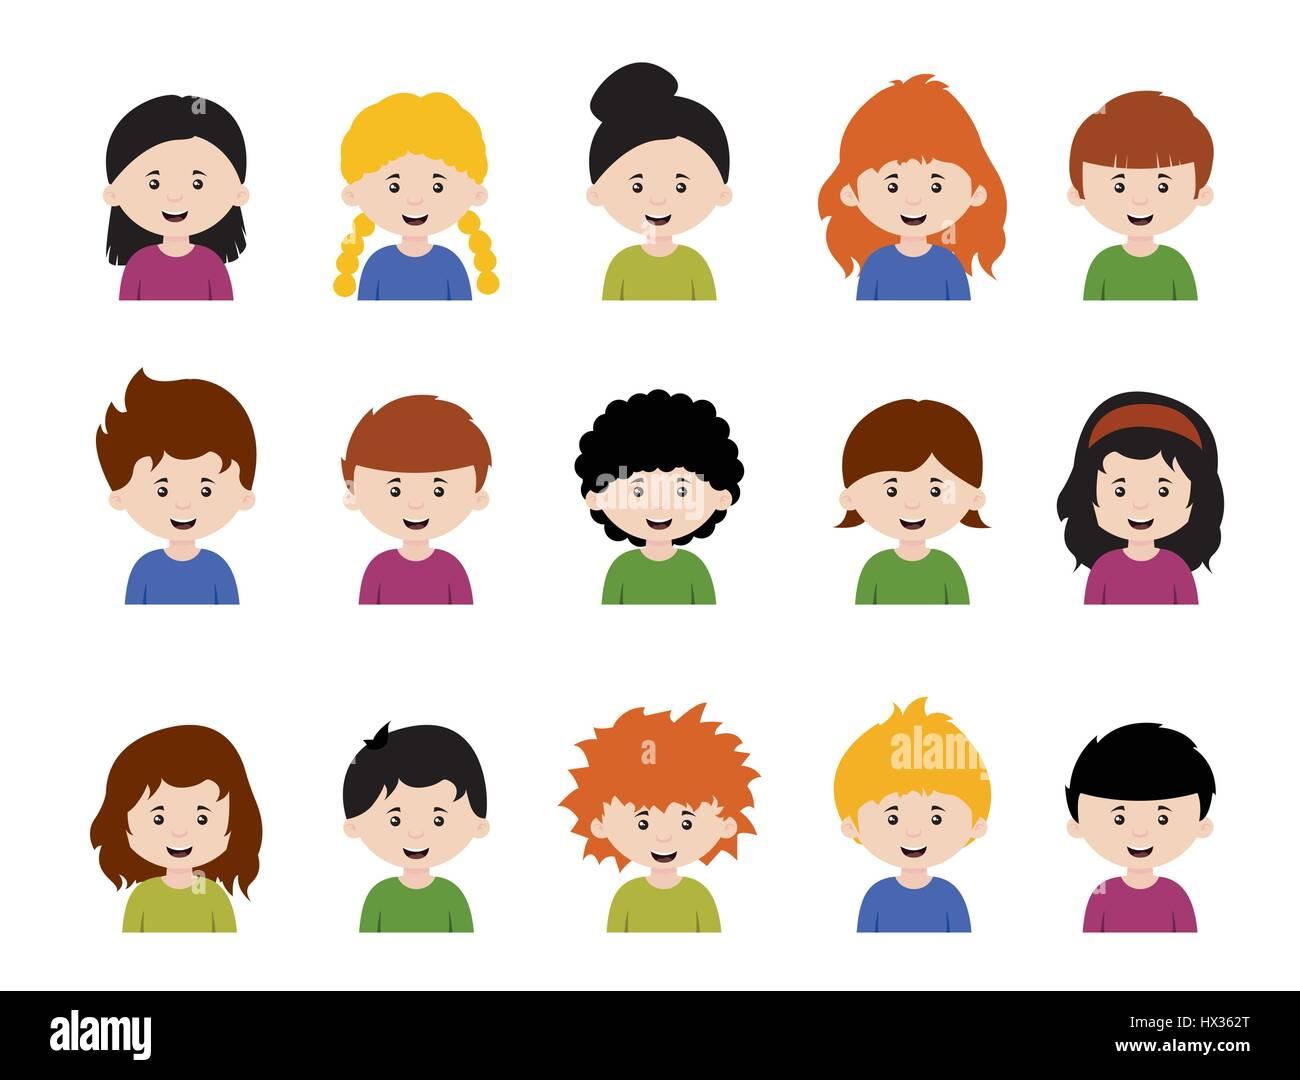 Gran Juego De Niños Avatarescute Dibujos Animados Rostros De Niños